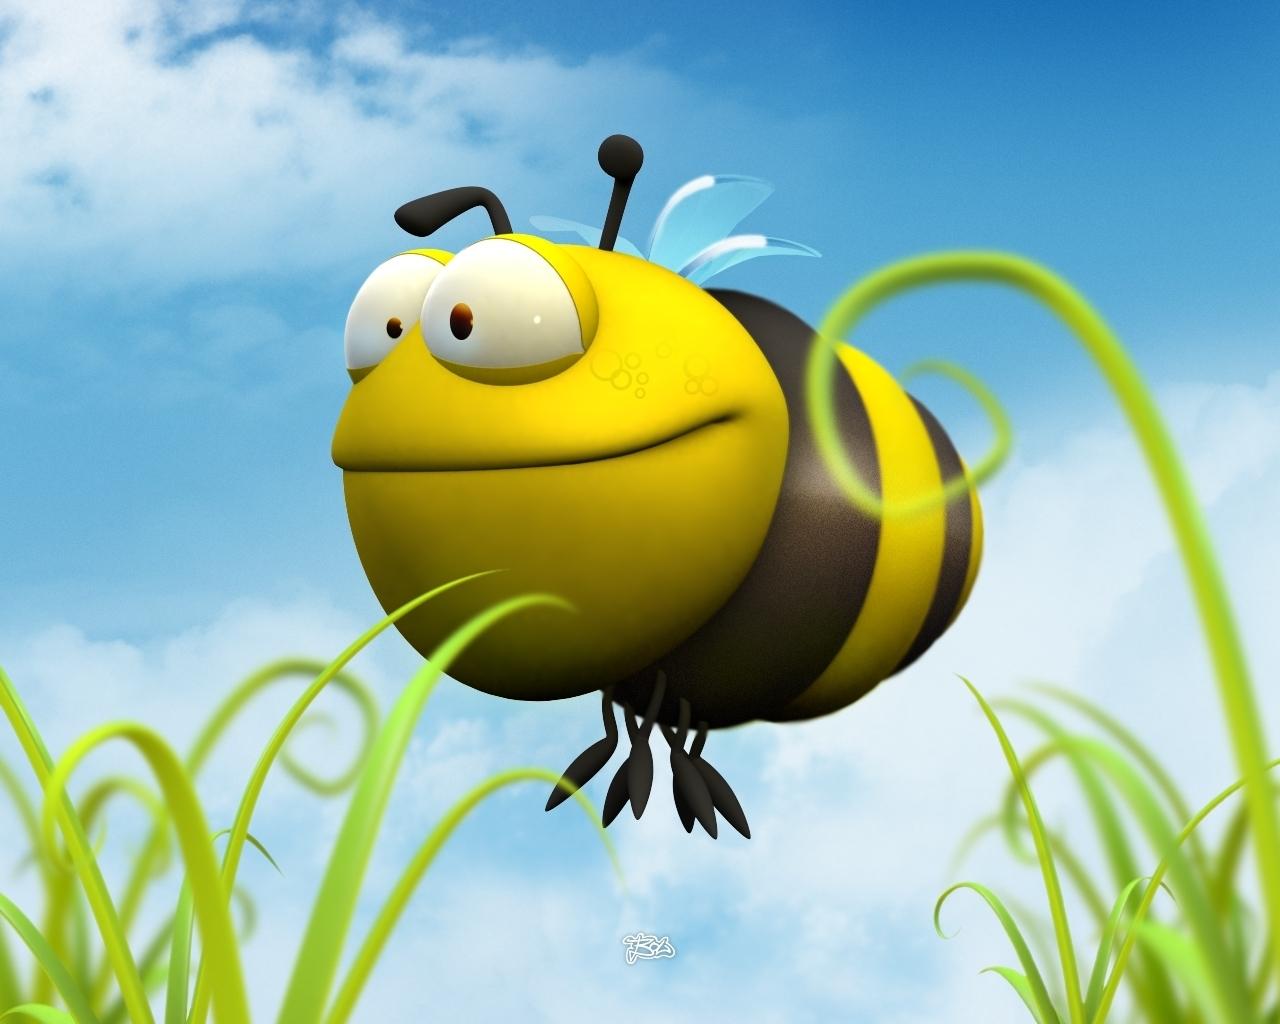 Handy-Wallpaper Humor, Bienen kostenlos herunterladen.